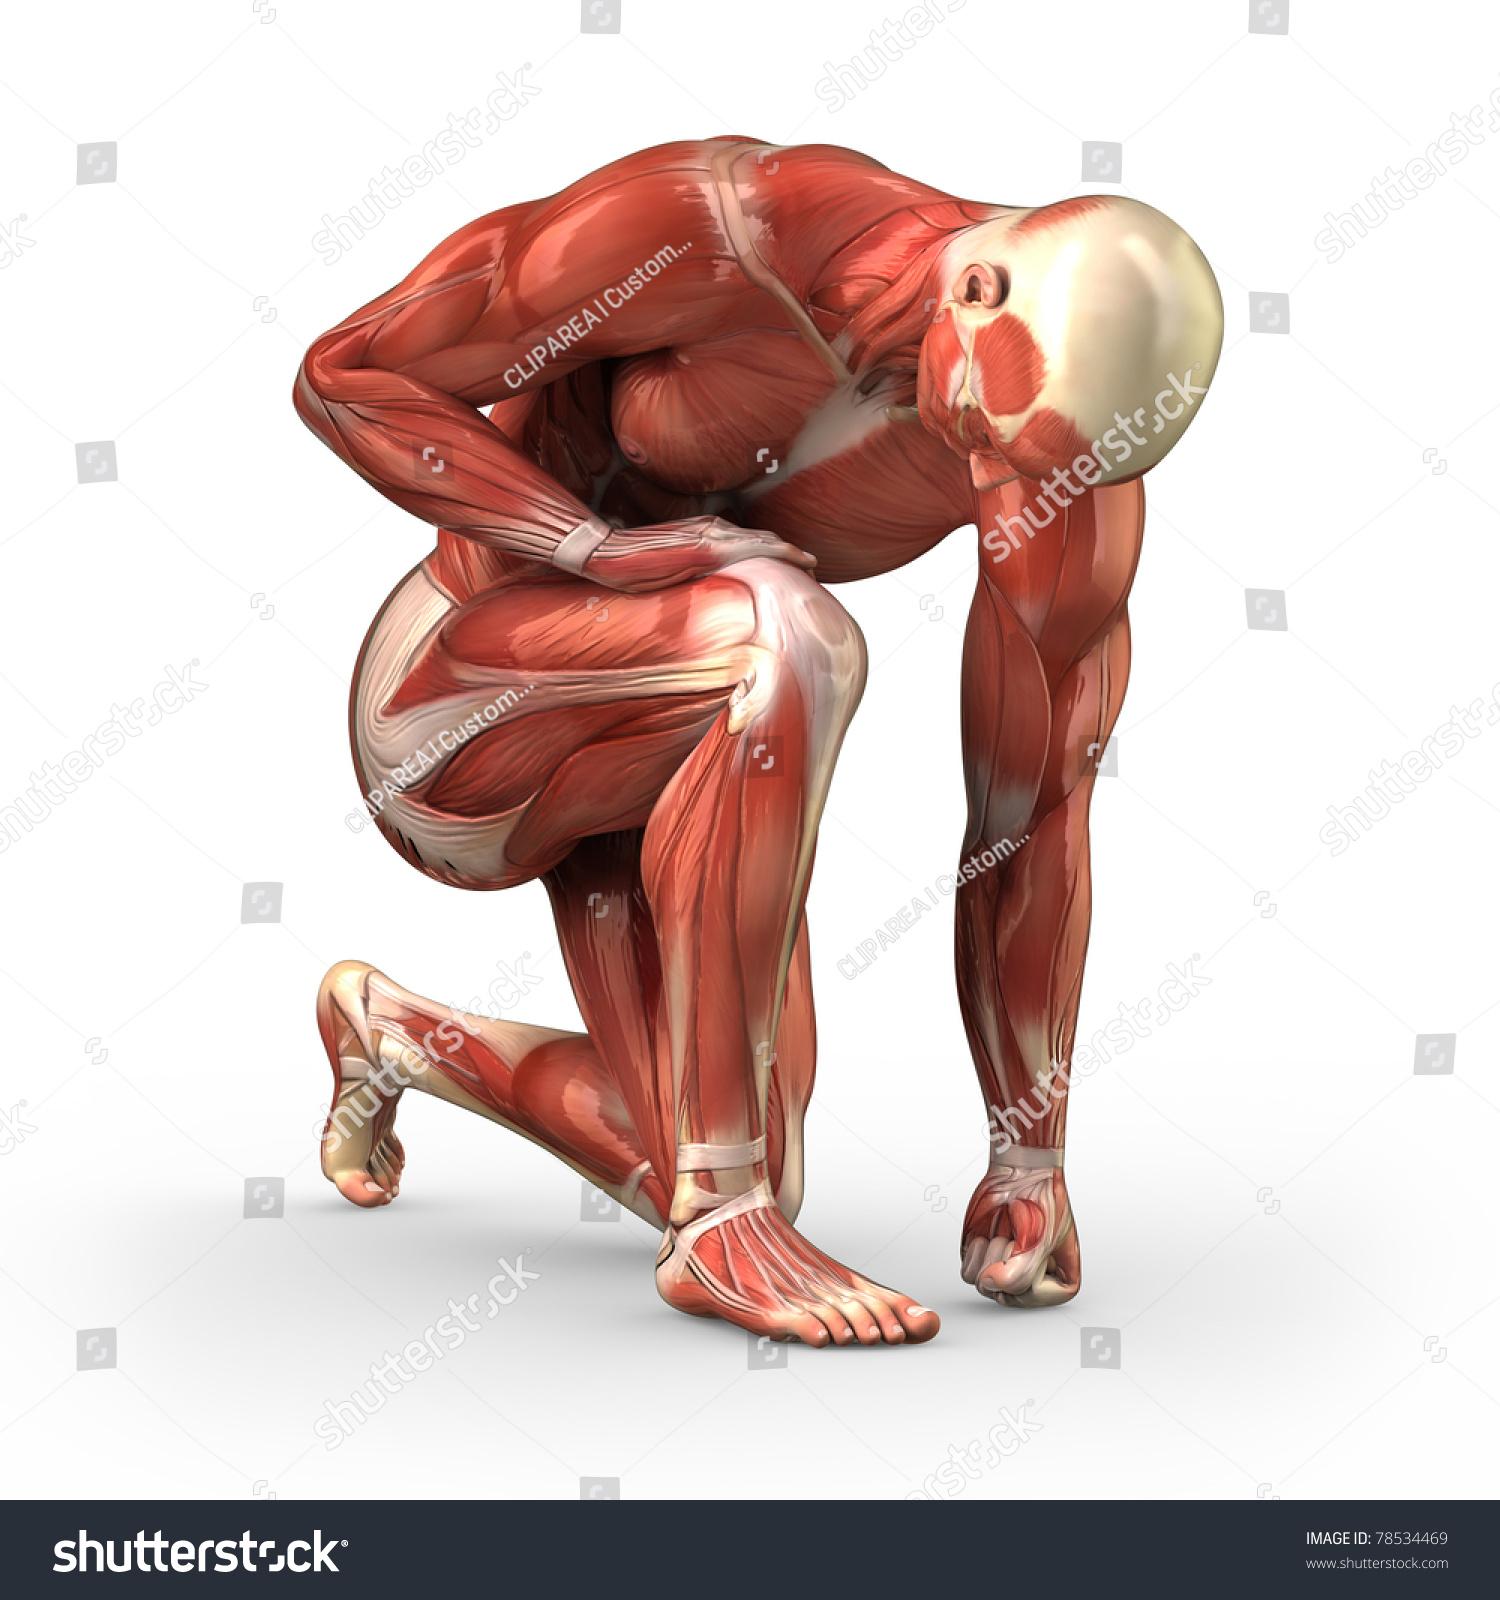 Man without skin kneeling on ground em ilustrao stock 78534469 man without skin kneeling on the ground ccuart Images